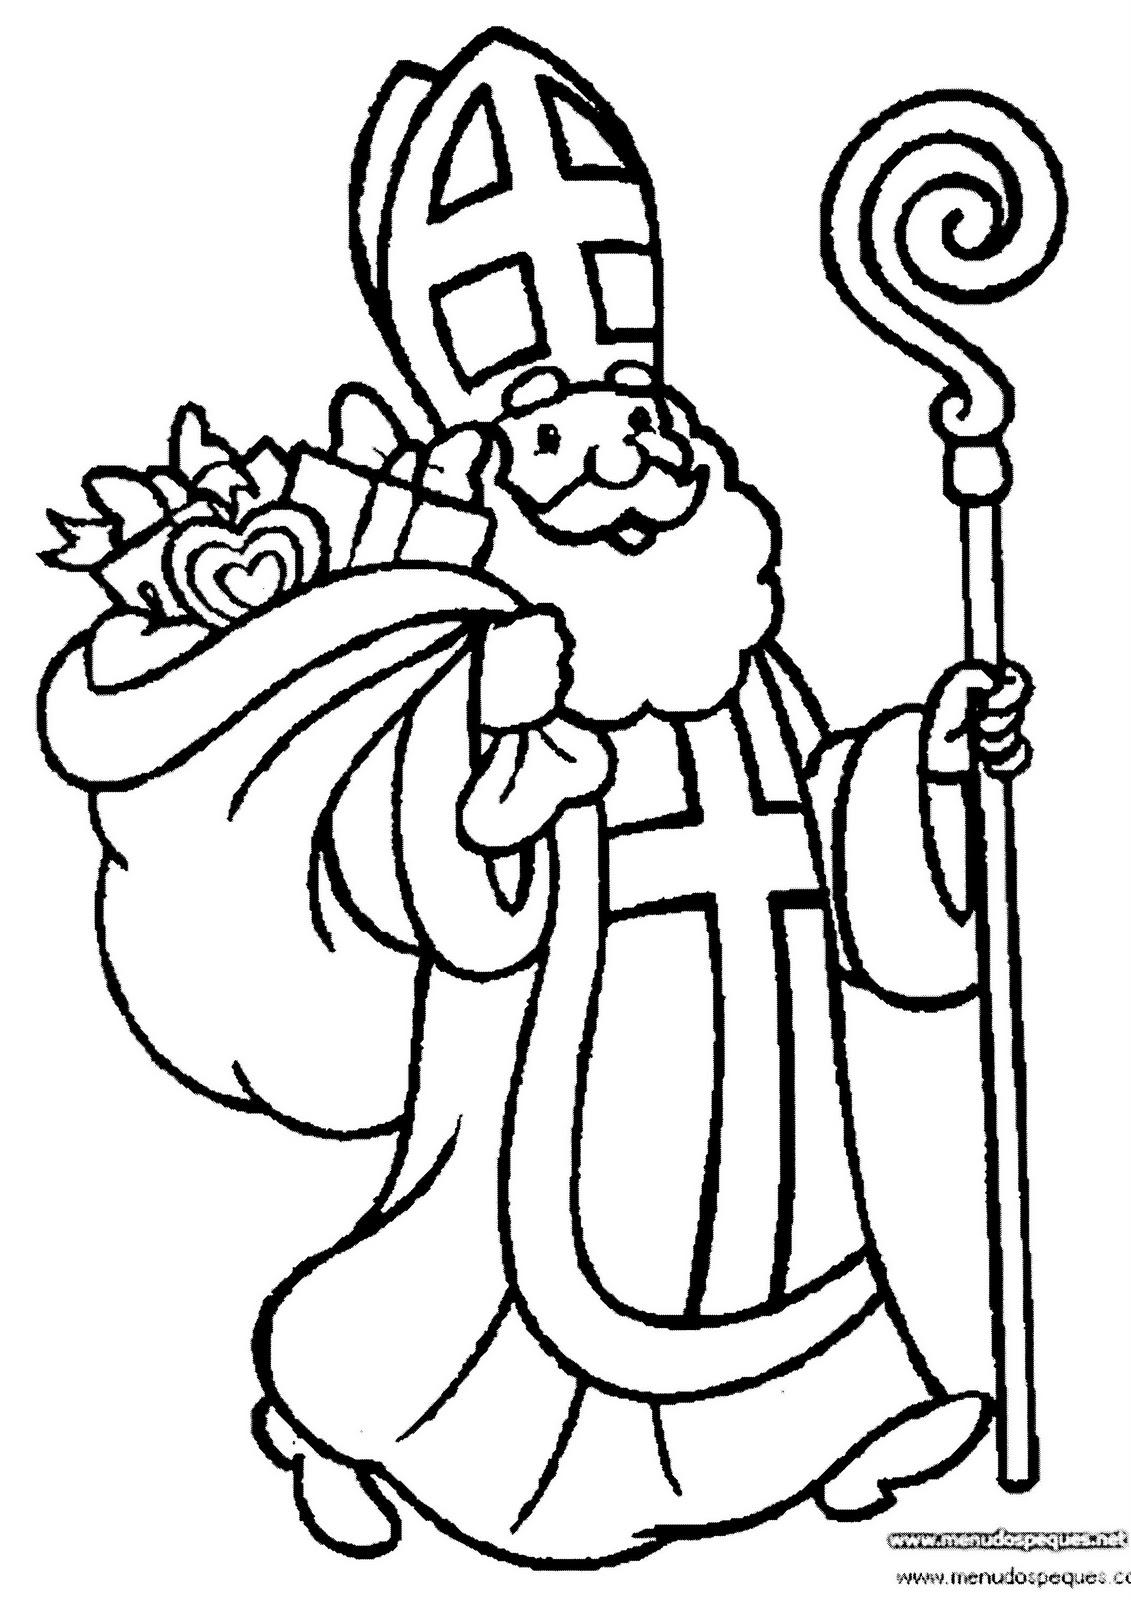 BAÚL DE NAVIDAD: San Nicolás (colorear dibujos)